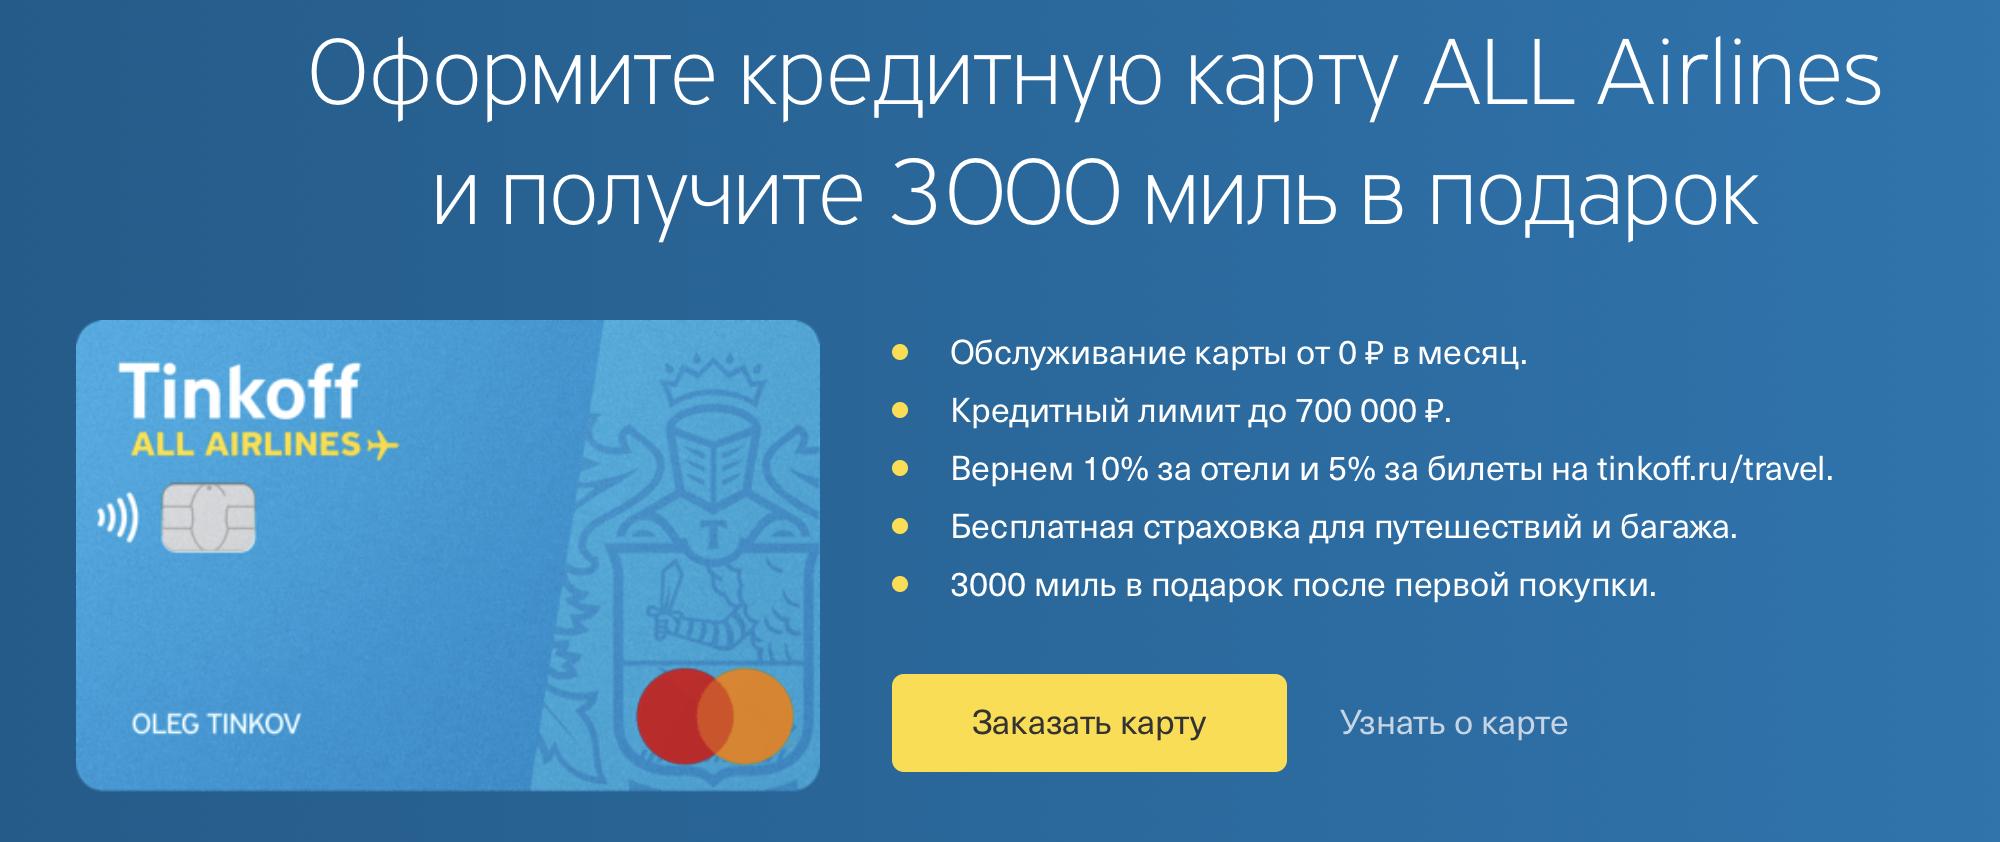 3000 миль в подарок All Airlines Тинькофф